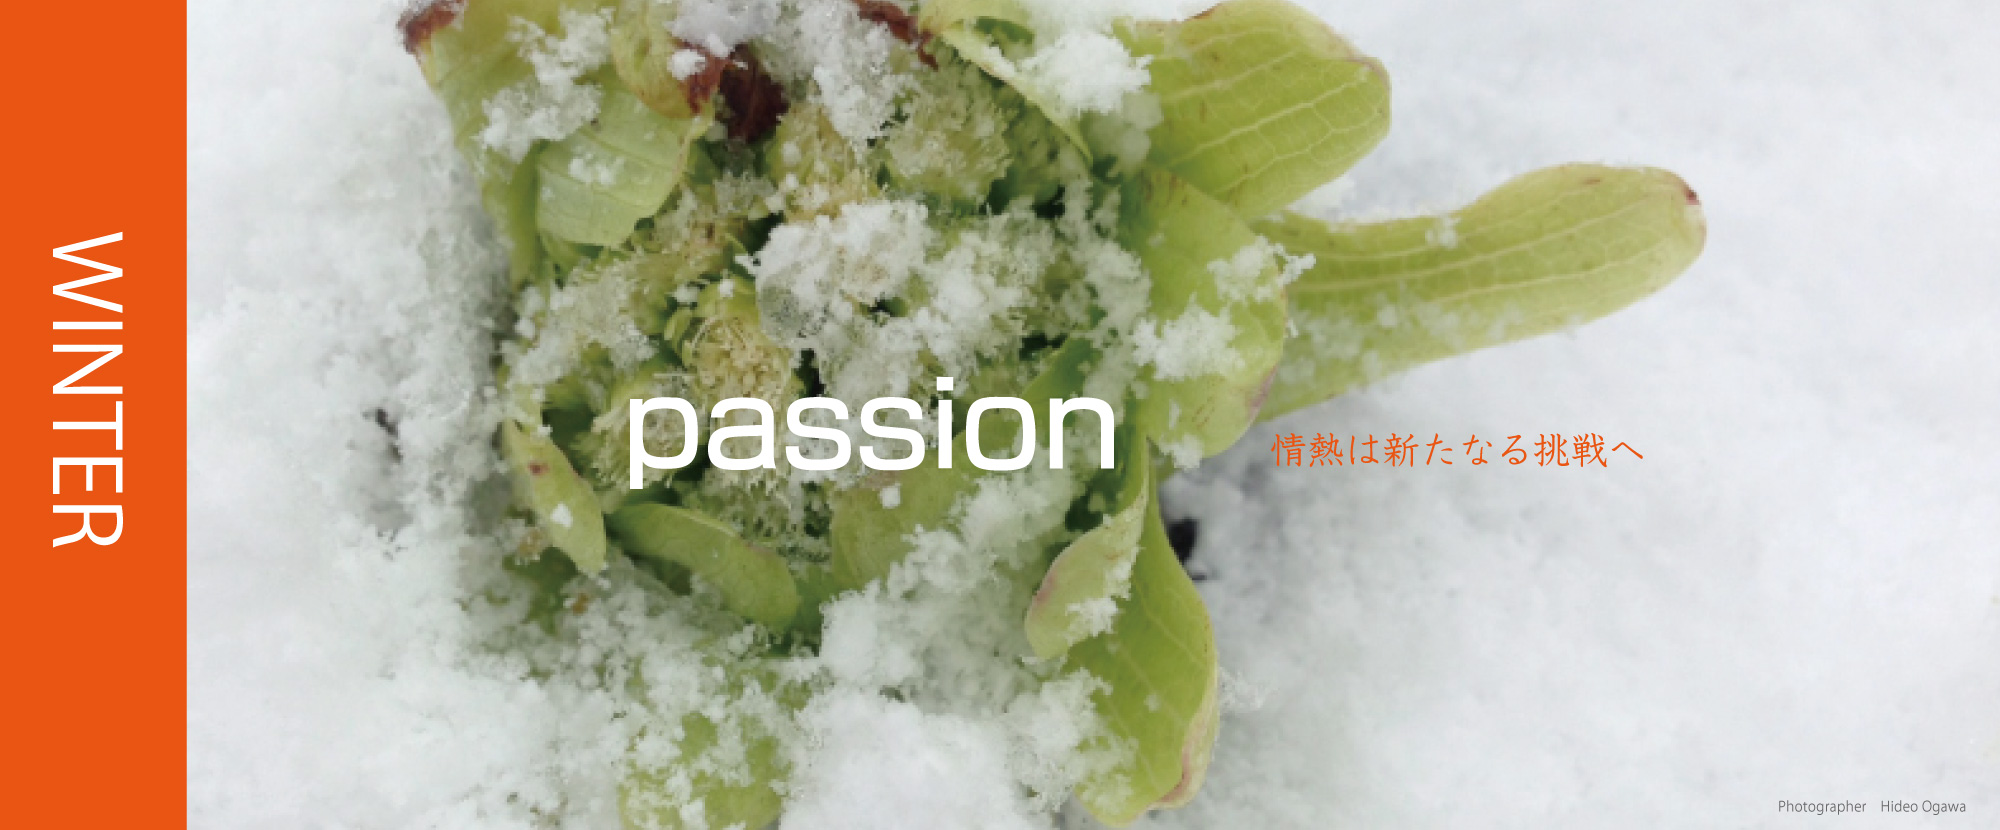 ハートブレーンは情熱を新たなる挑戦へ繋げます